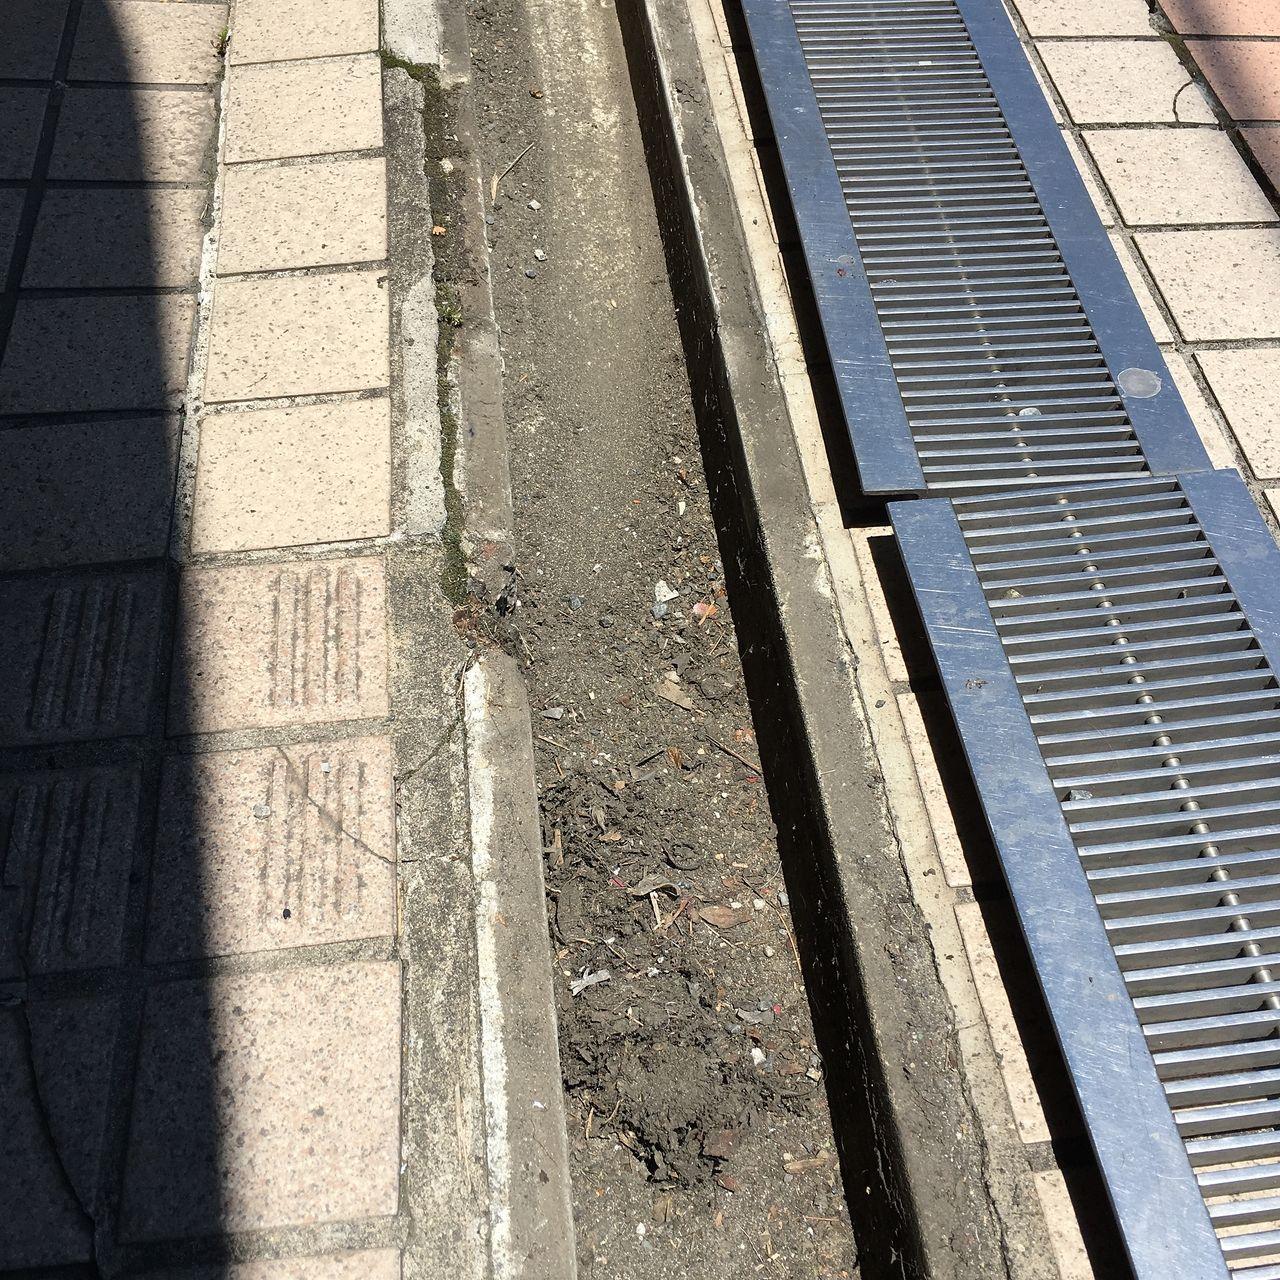 ア・ス・ヴェルデⅢの排水溝に溜まったゴミです!!